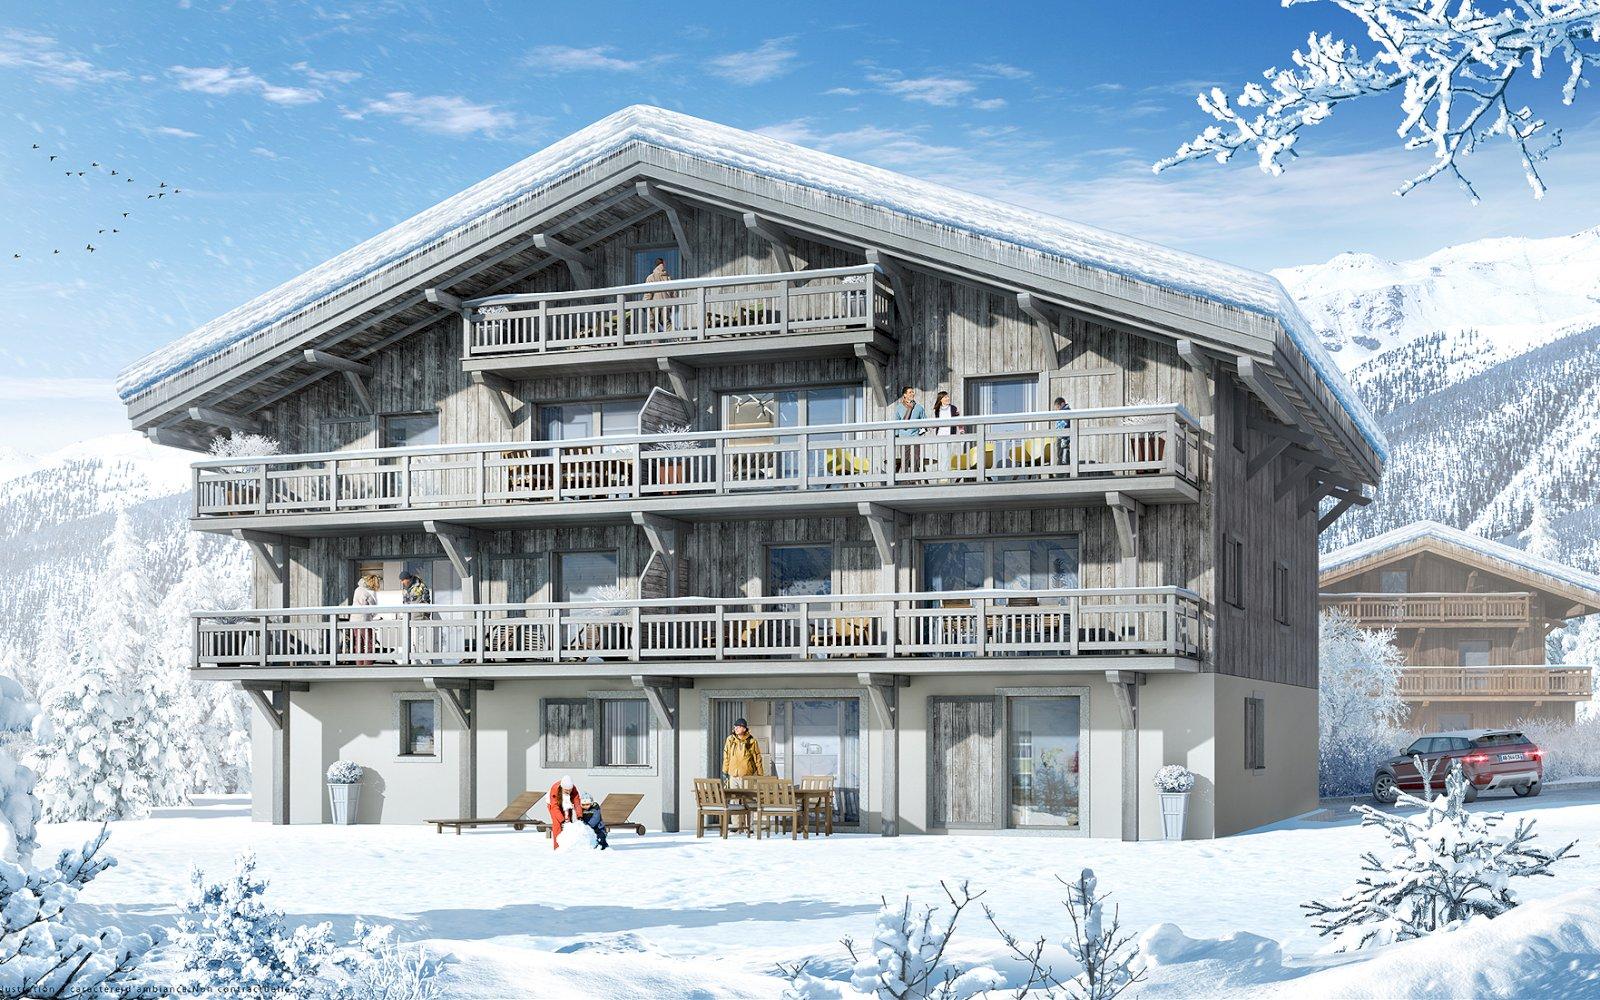 Le Chalet de La Cour des Alpes